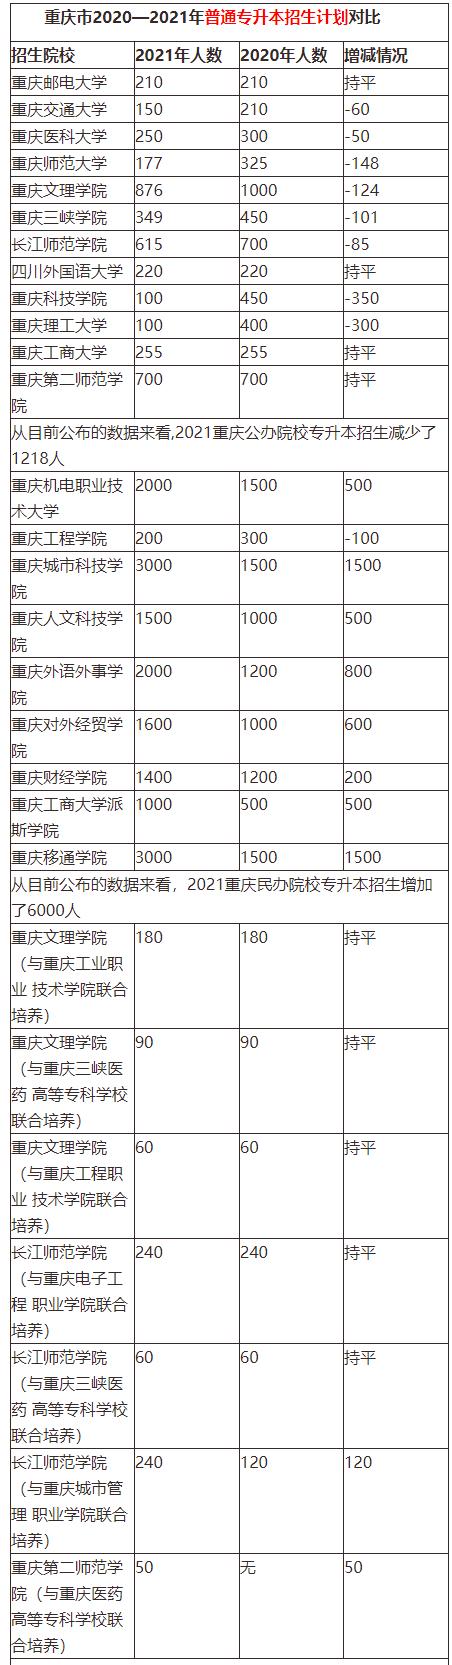 2020-2021年重庆专升本招生计划人数汇总表!